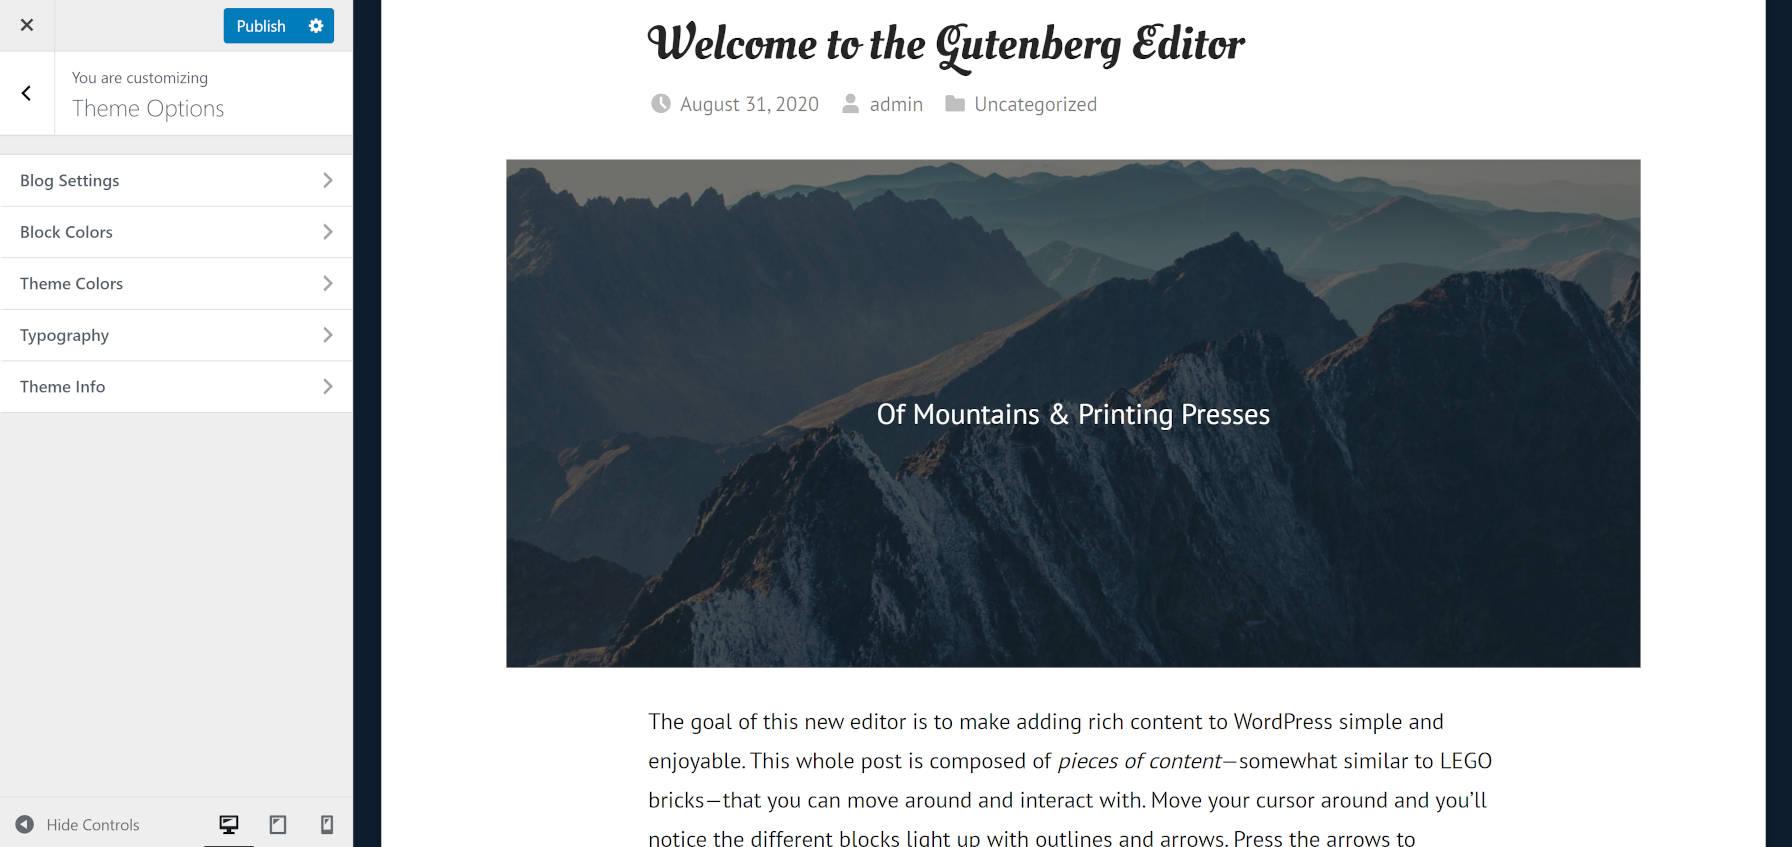 Tipografia e personalizações de cores do tema GT Basic WordPress por meio do personalizador.